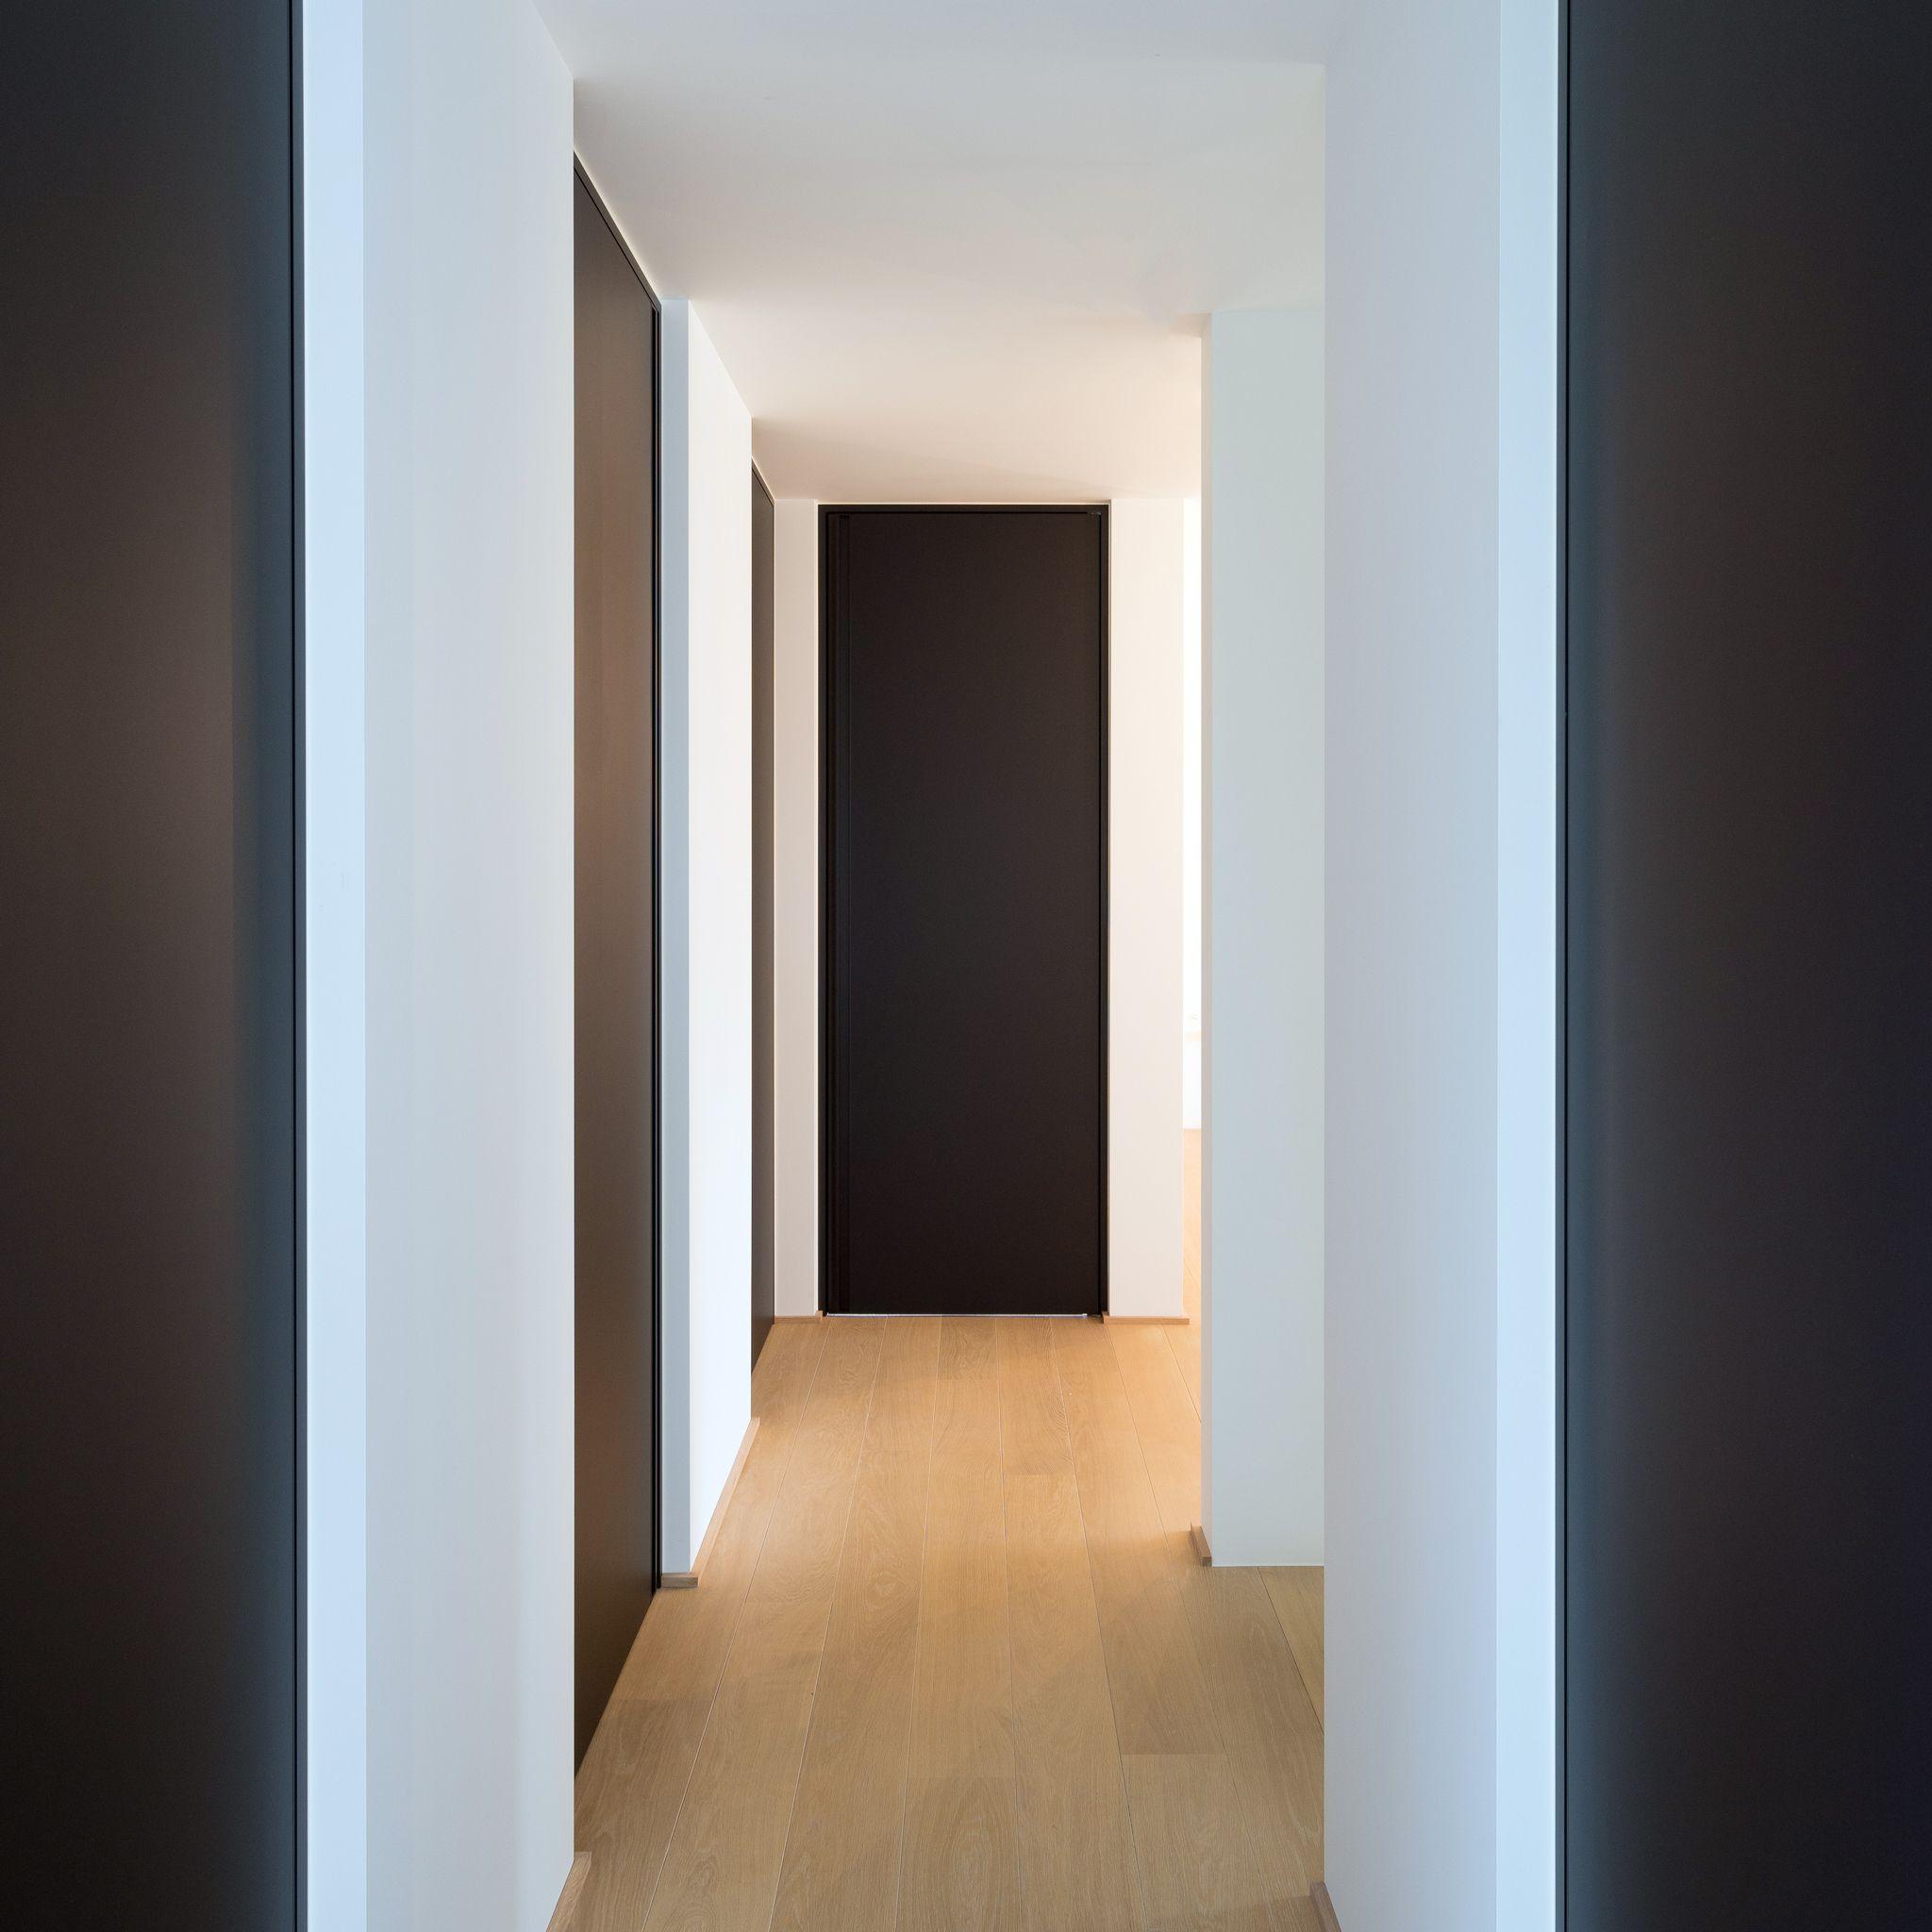 nachthal met zwarte deuren van vloer tot plafond met ingebouwde